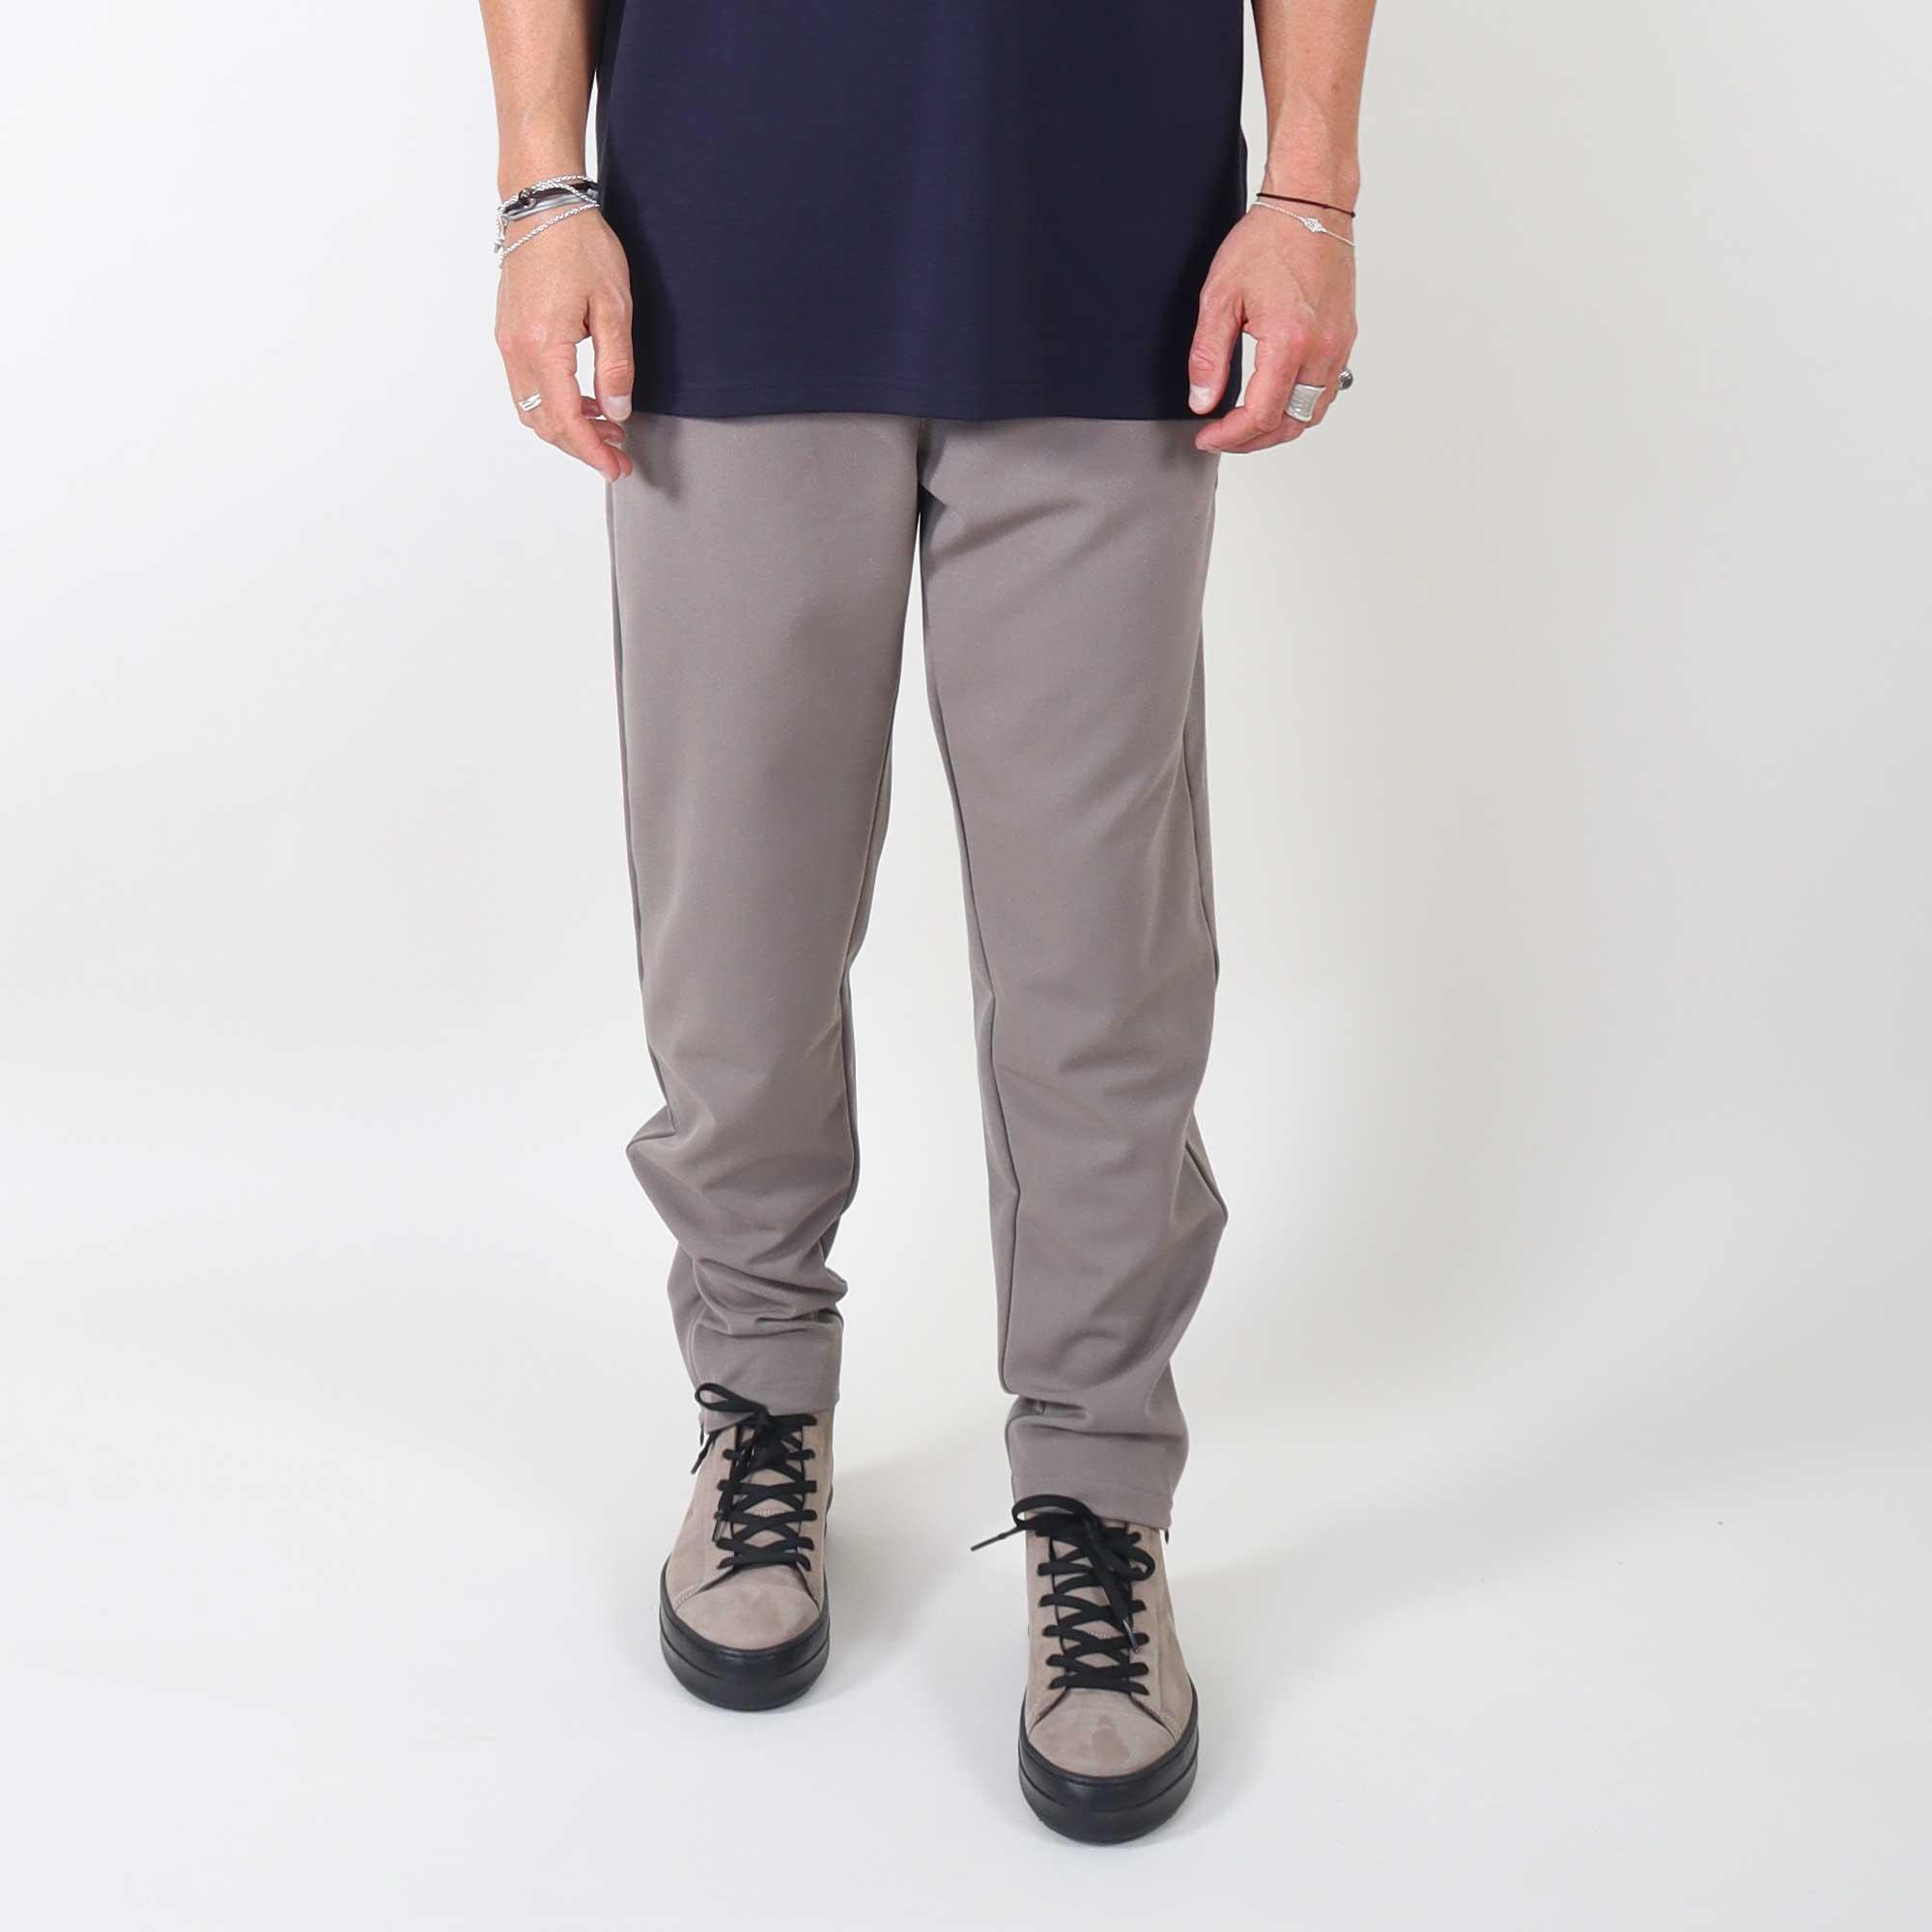 pantalon-lgrijs-3